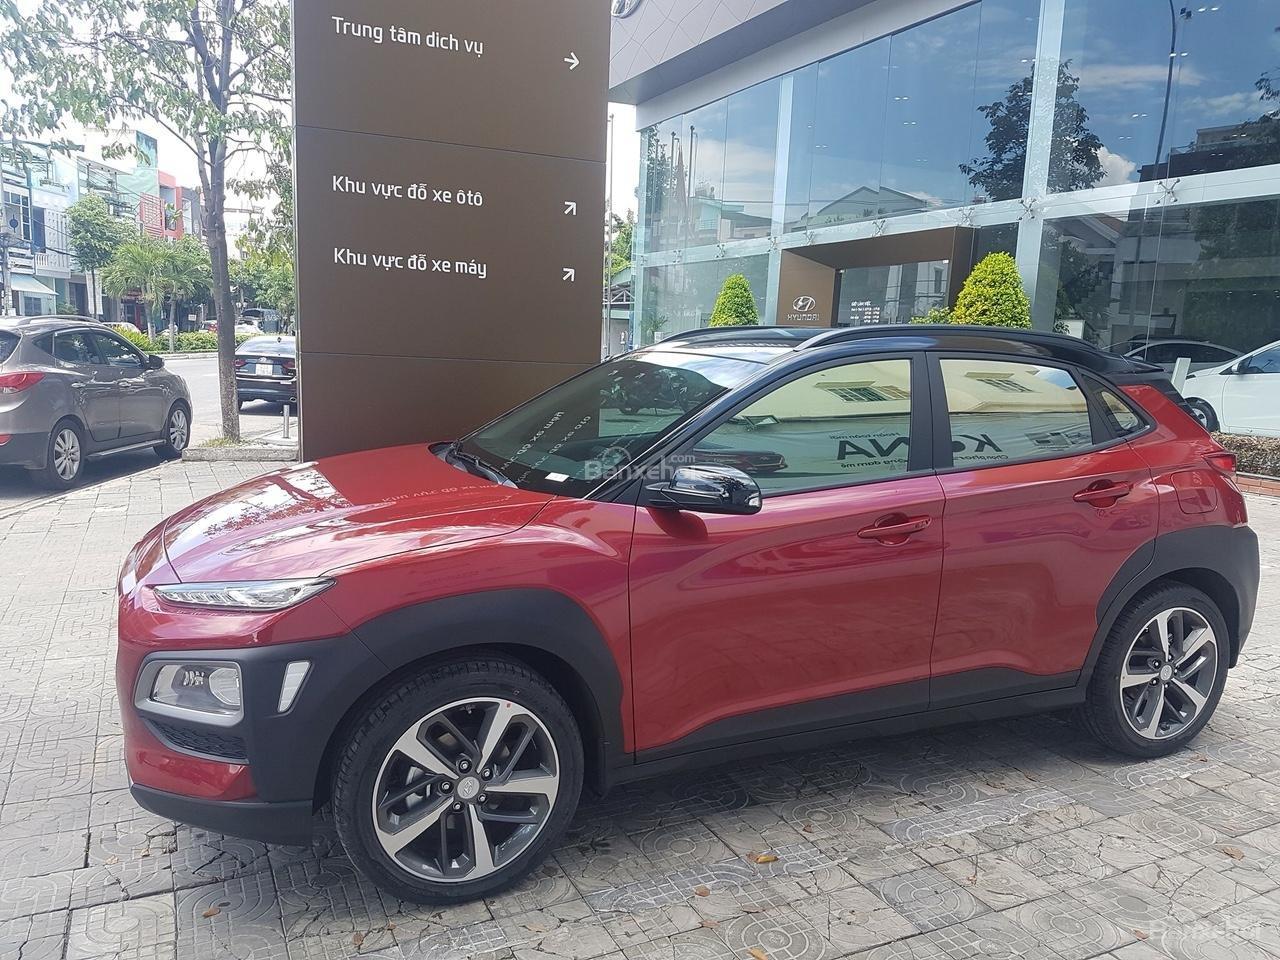 Hyundai Phạm Văn Đồng bán Konna đặc biệt giao ngay đủ màu, giá tốt liên hệ Mr Cảnh 0984 616 689-5